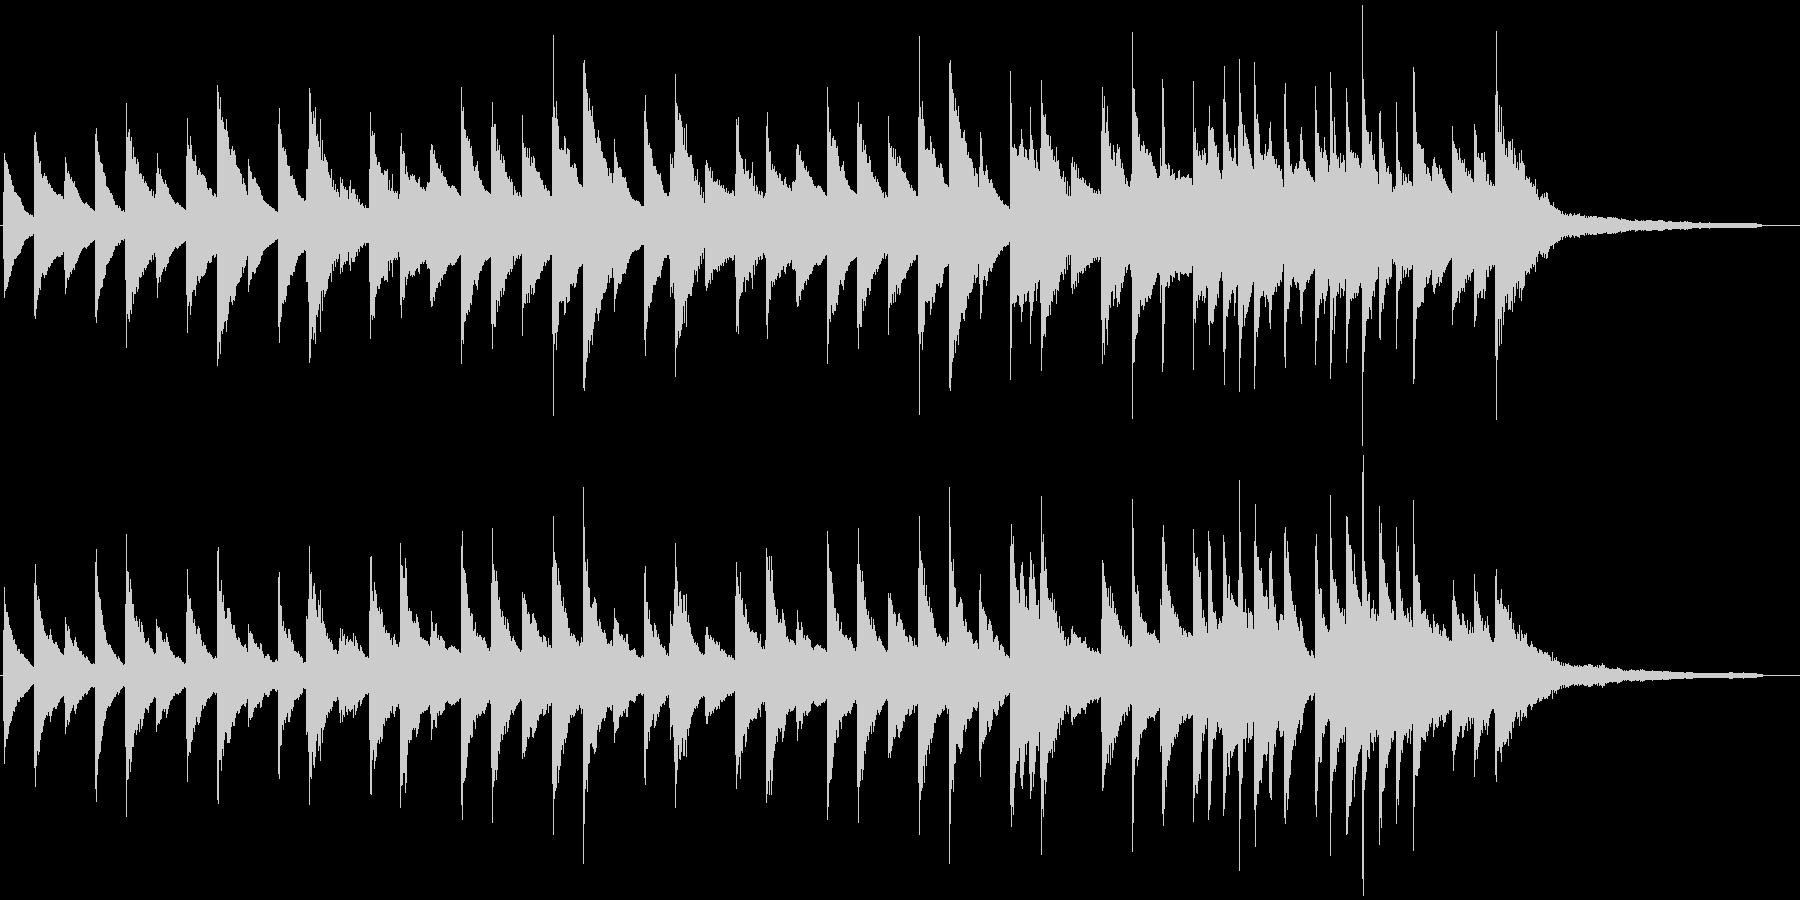 スローで落ち着いたピアノのBGMの未再生の波形